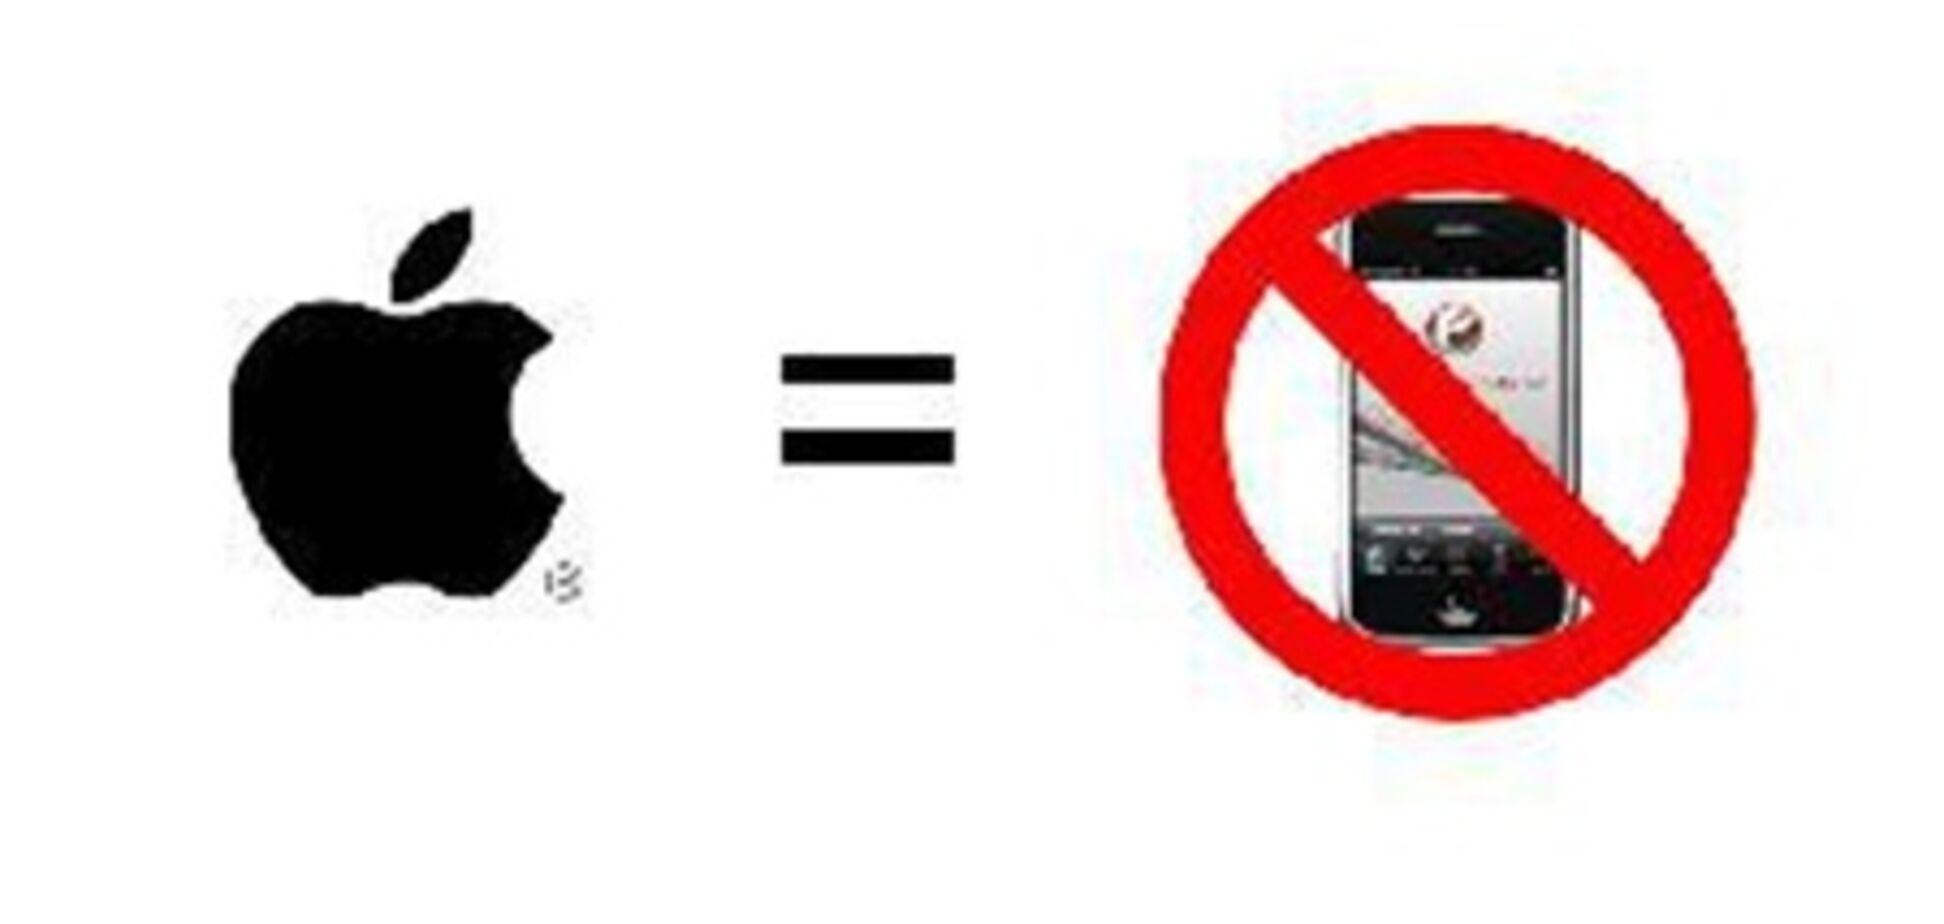 Apple отказалась от приложения, которое способно 'вылечить' гомосексуализм